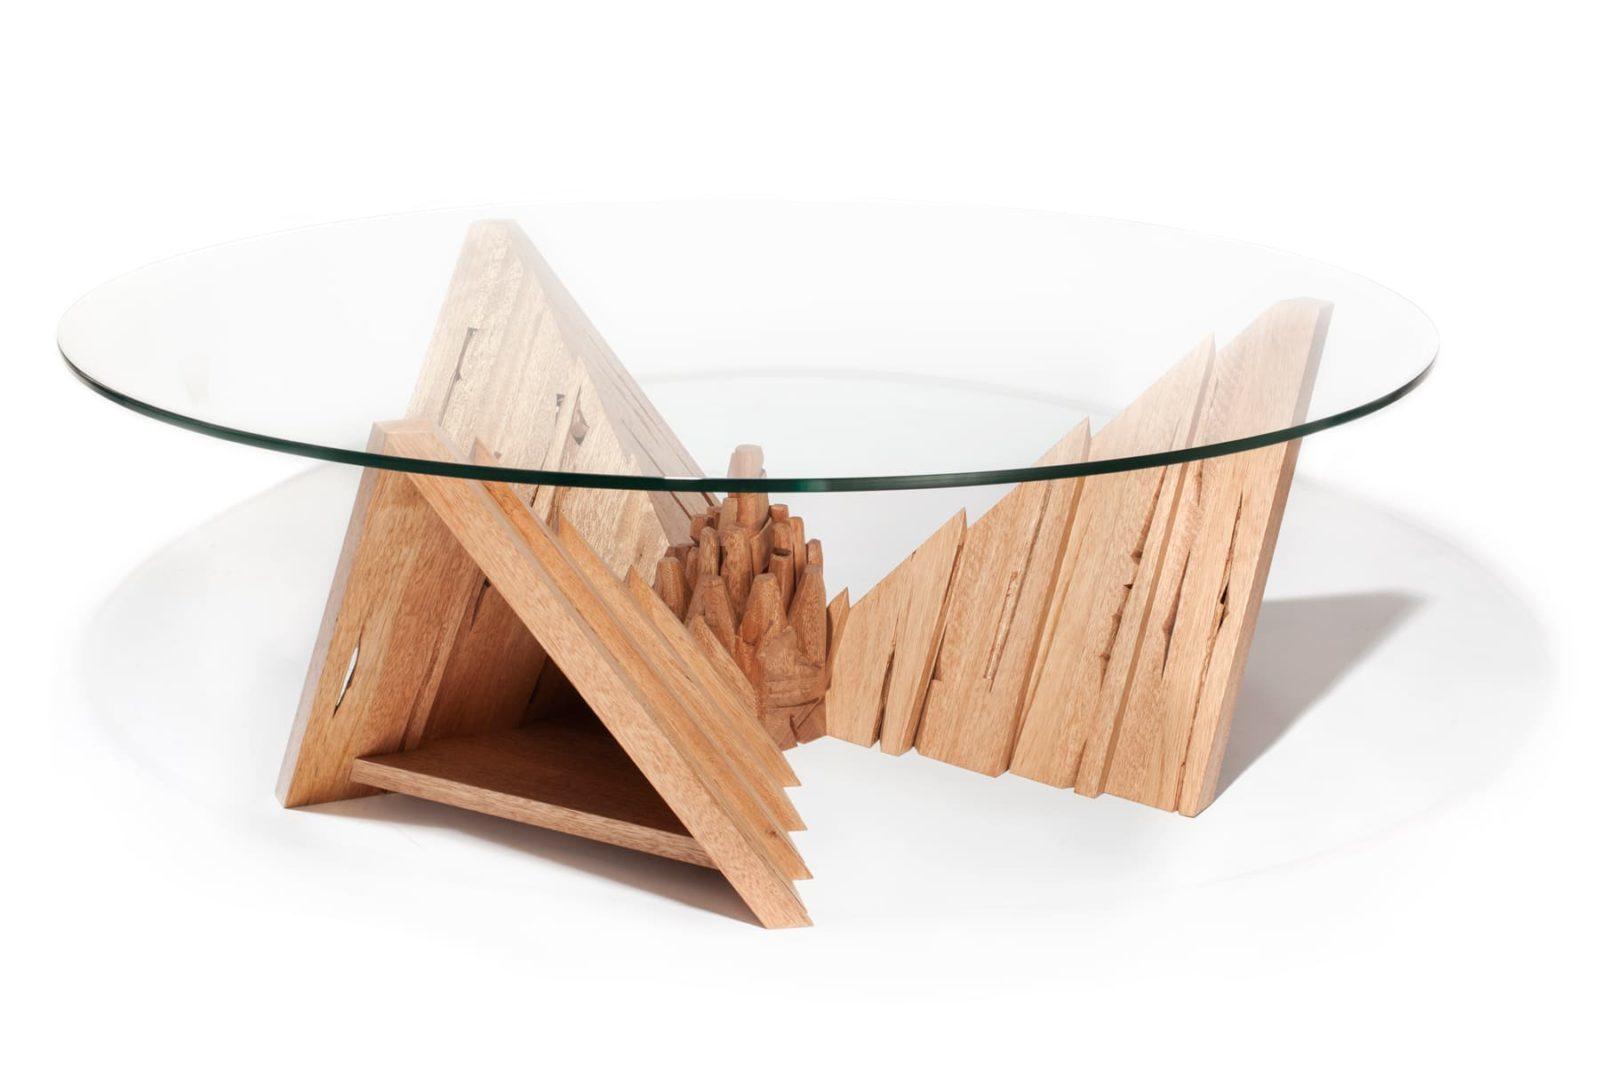 Sirope-proyectos-tuomas kuure-pieza1_4-estudio-agencia-creativa-branding